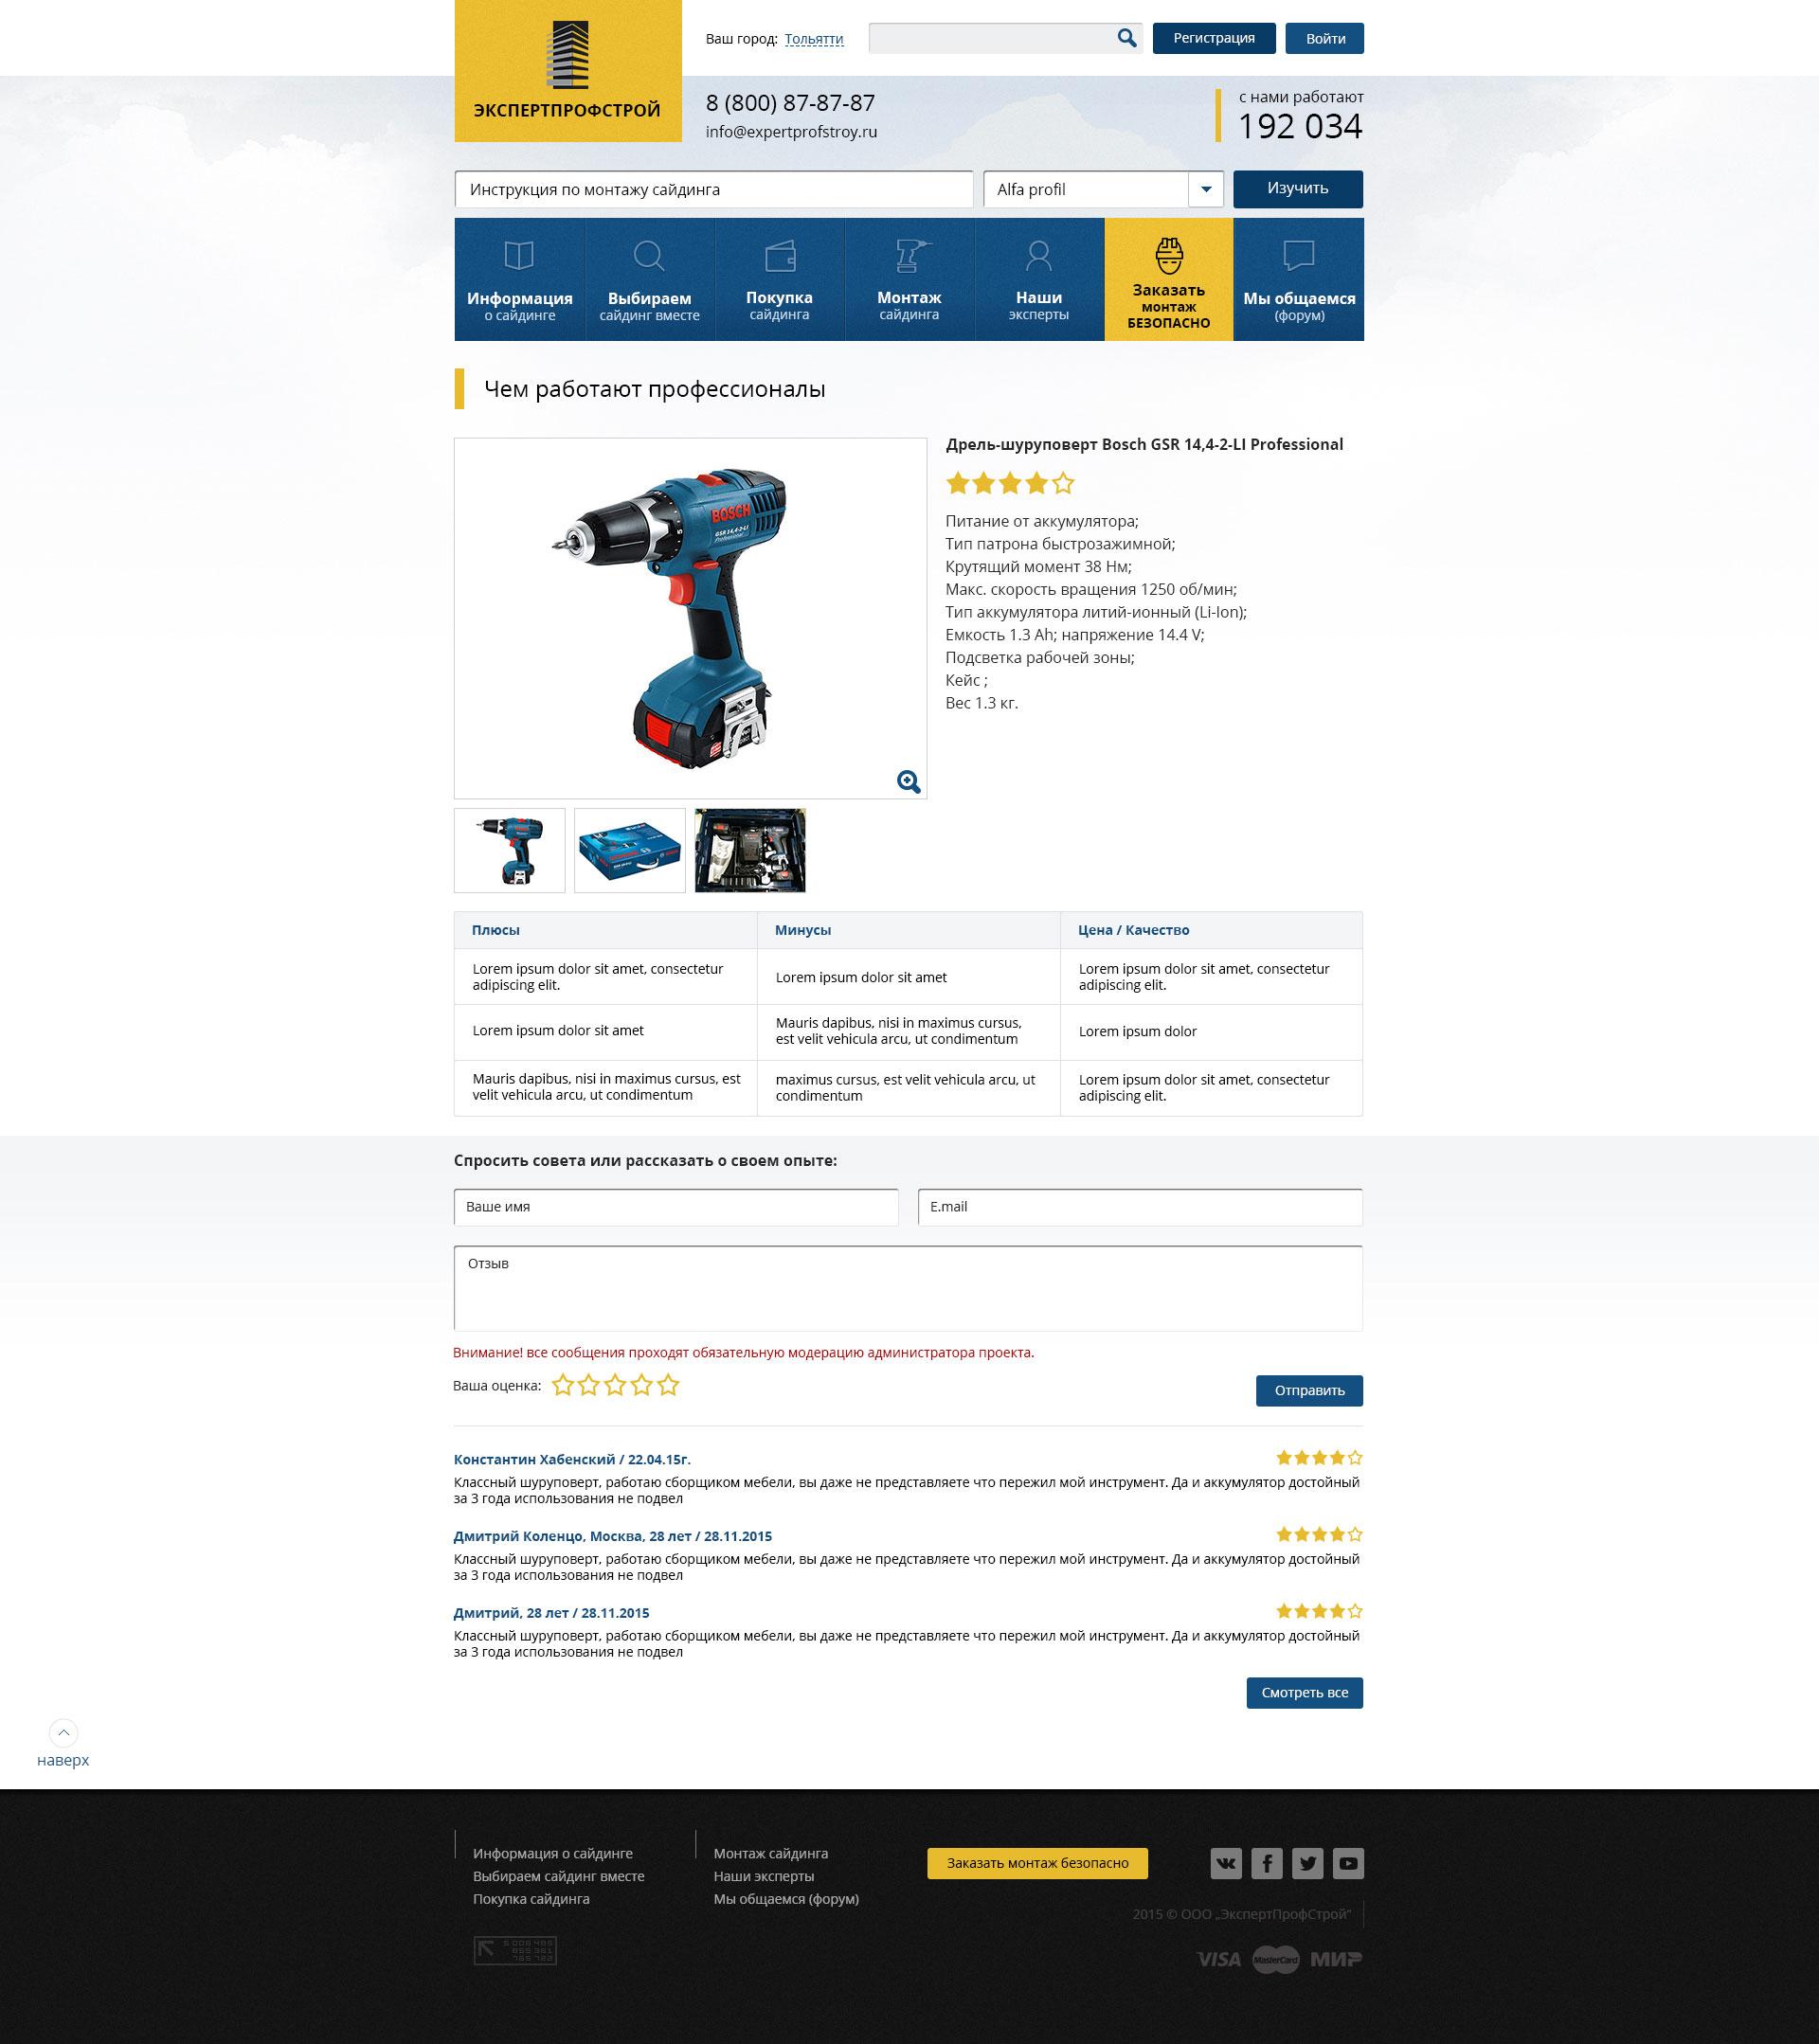 Страница каталога инструментов